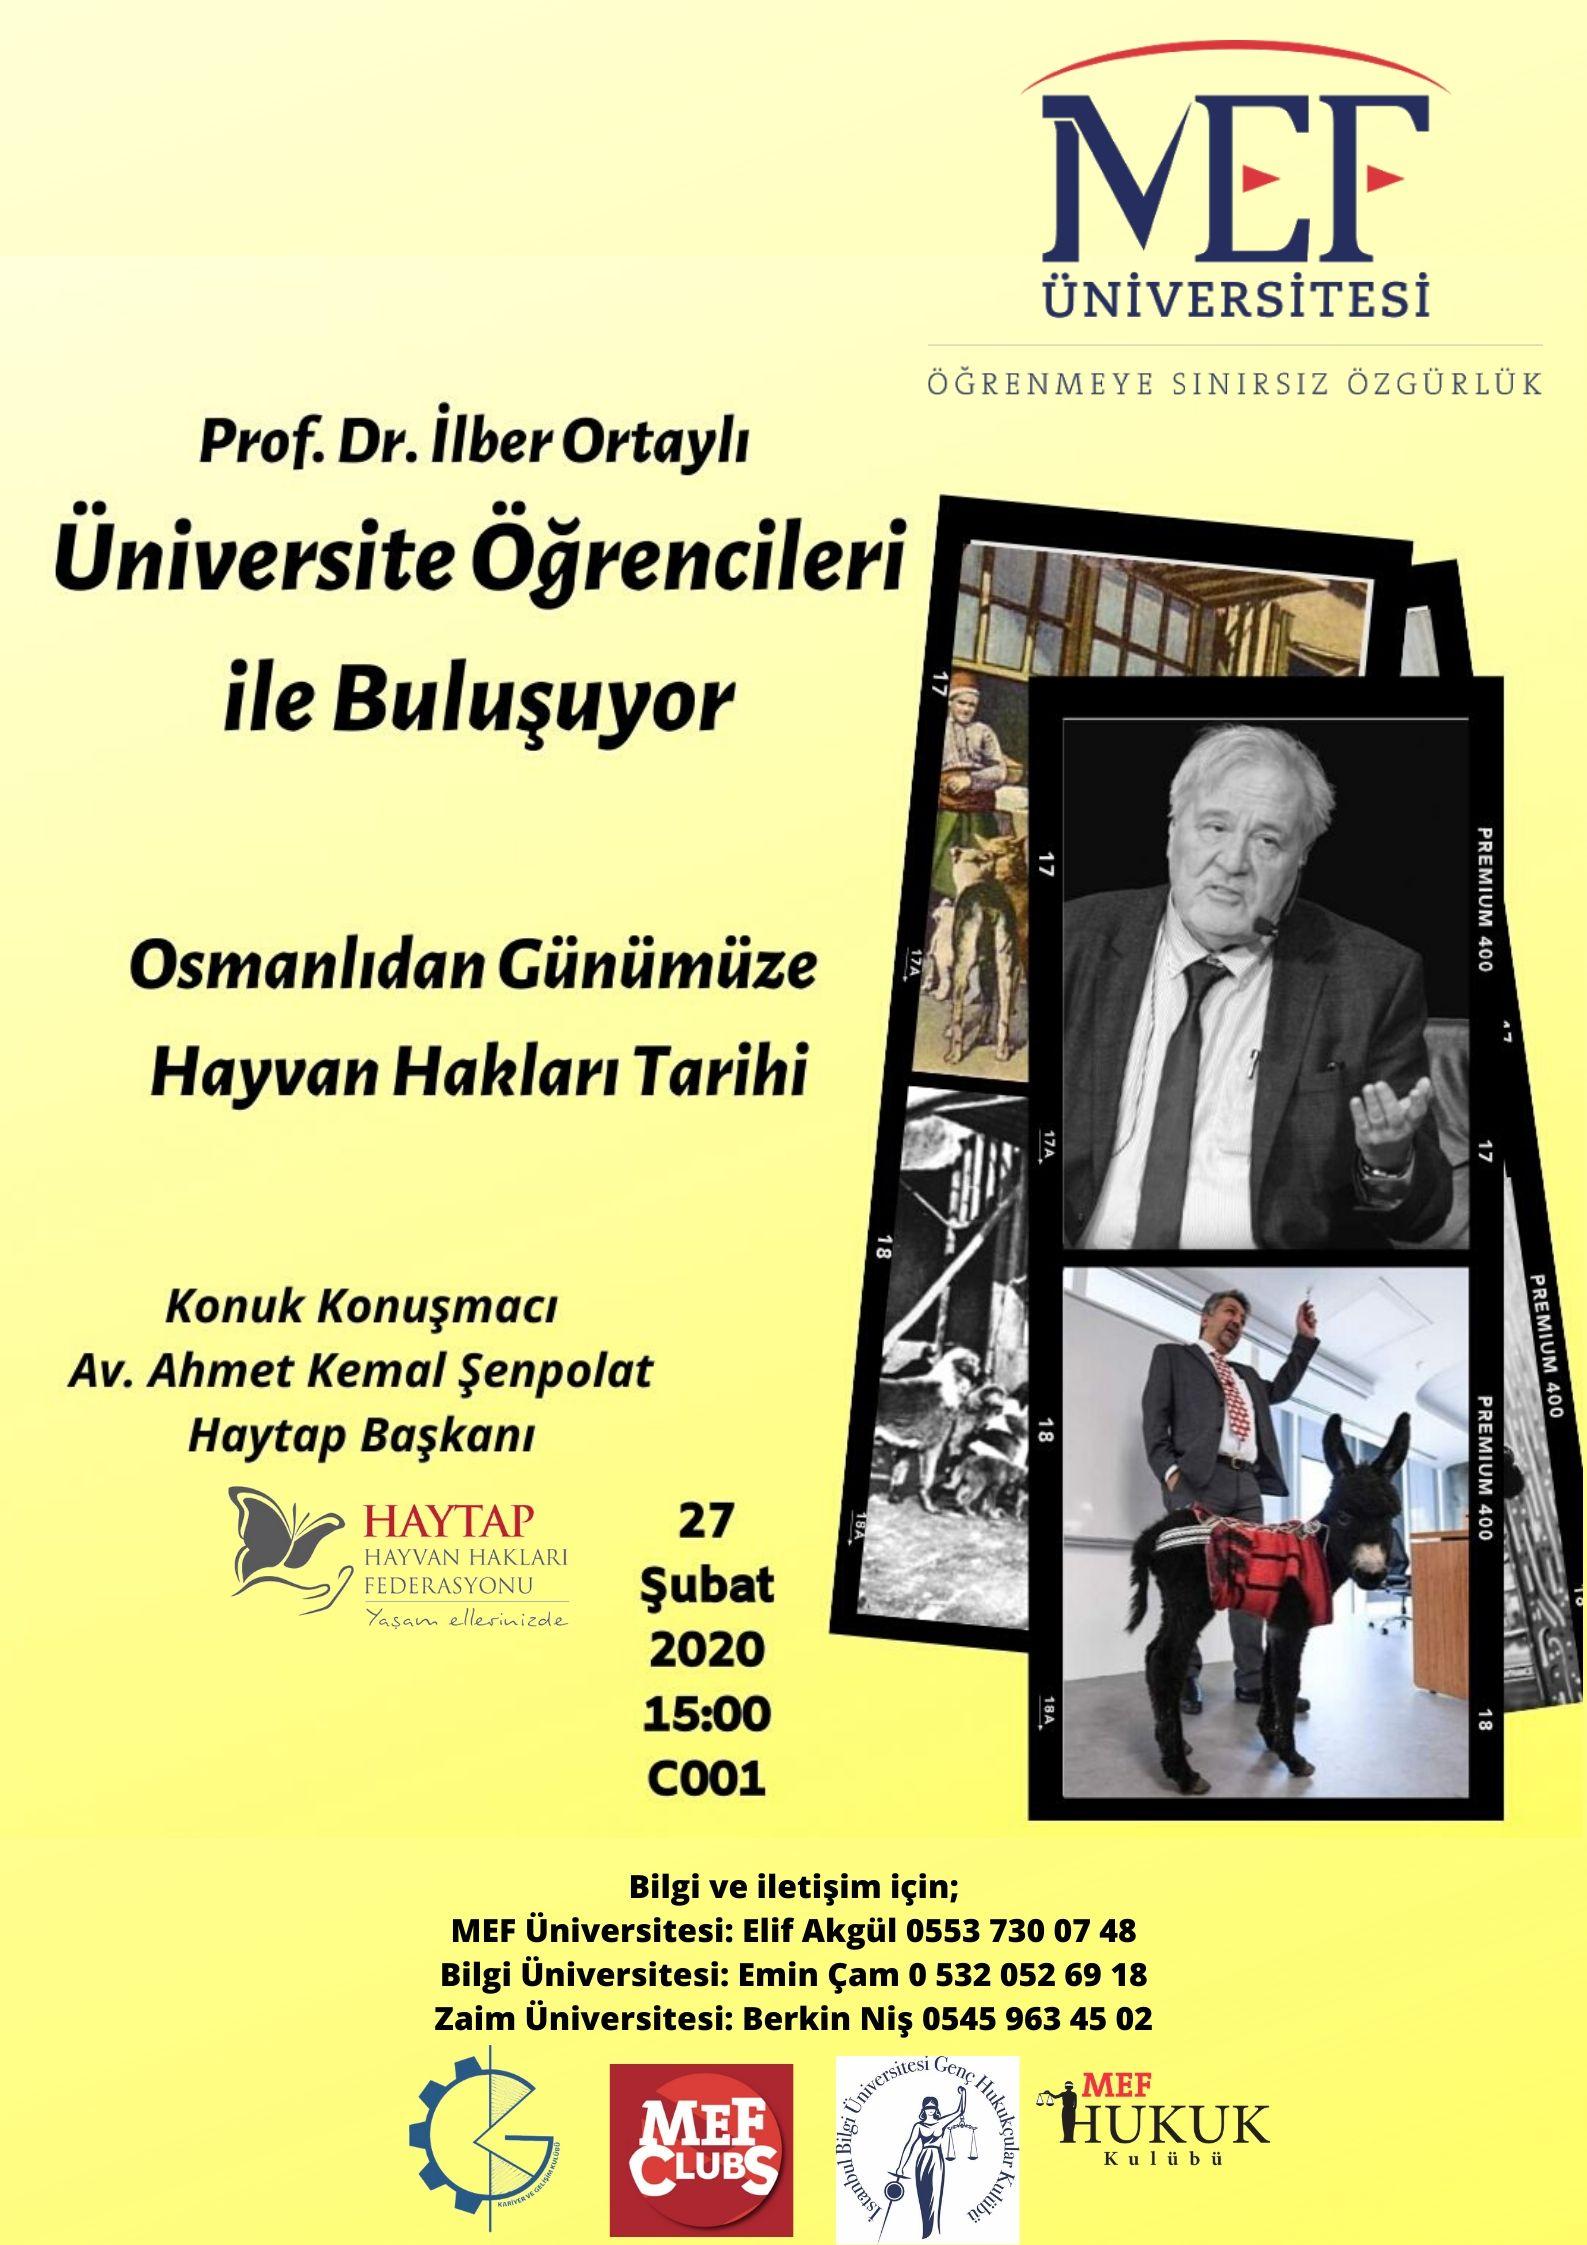 İlber Ortaylı ve Ahmet Kemal Şenpolat ile Osmanlı'dan Günümüze Hayvan Hakları Tarihi Konferansı